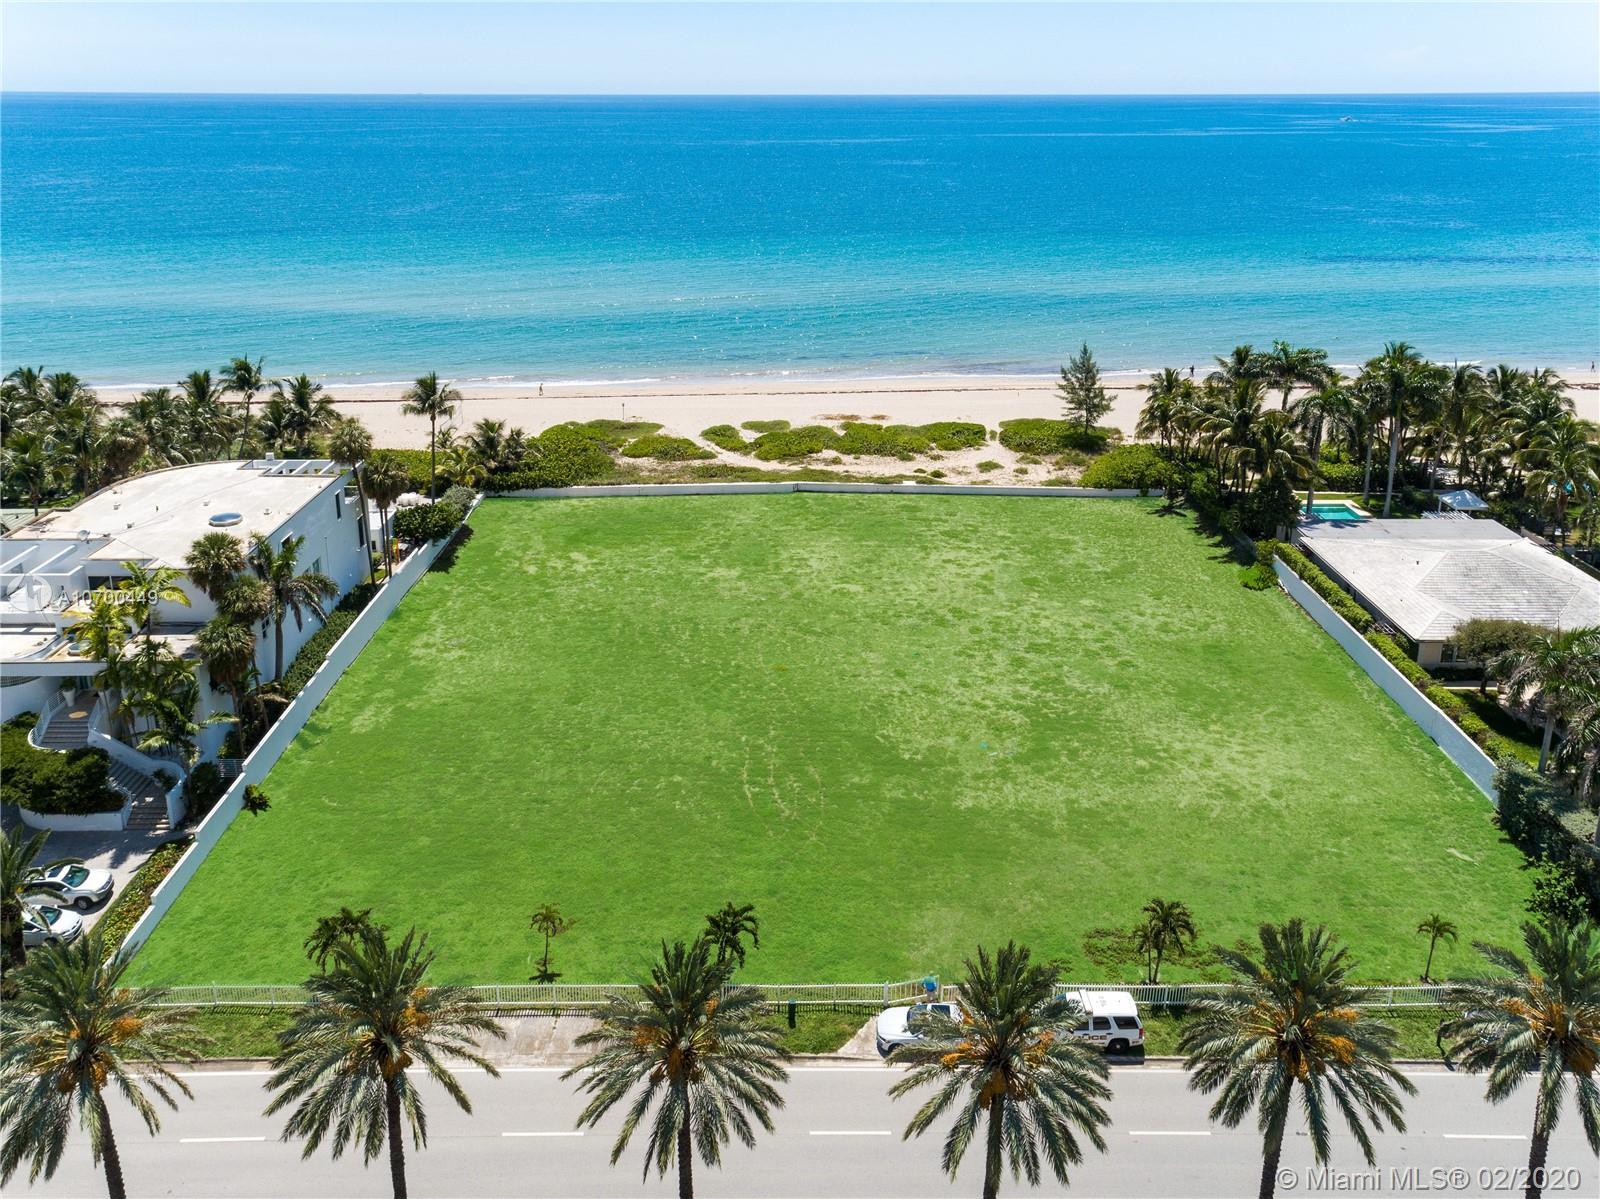 135/137/145 Ocean Blvd, Golden Beach, FL 33160